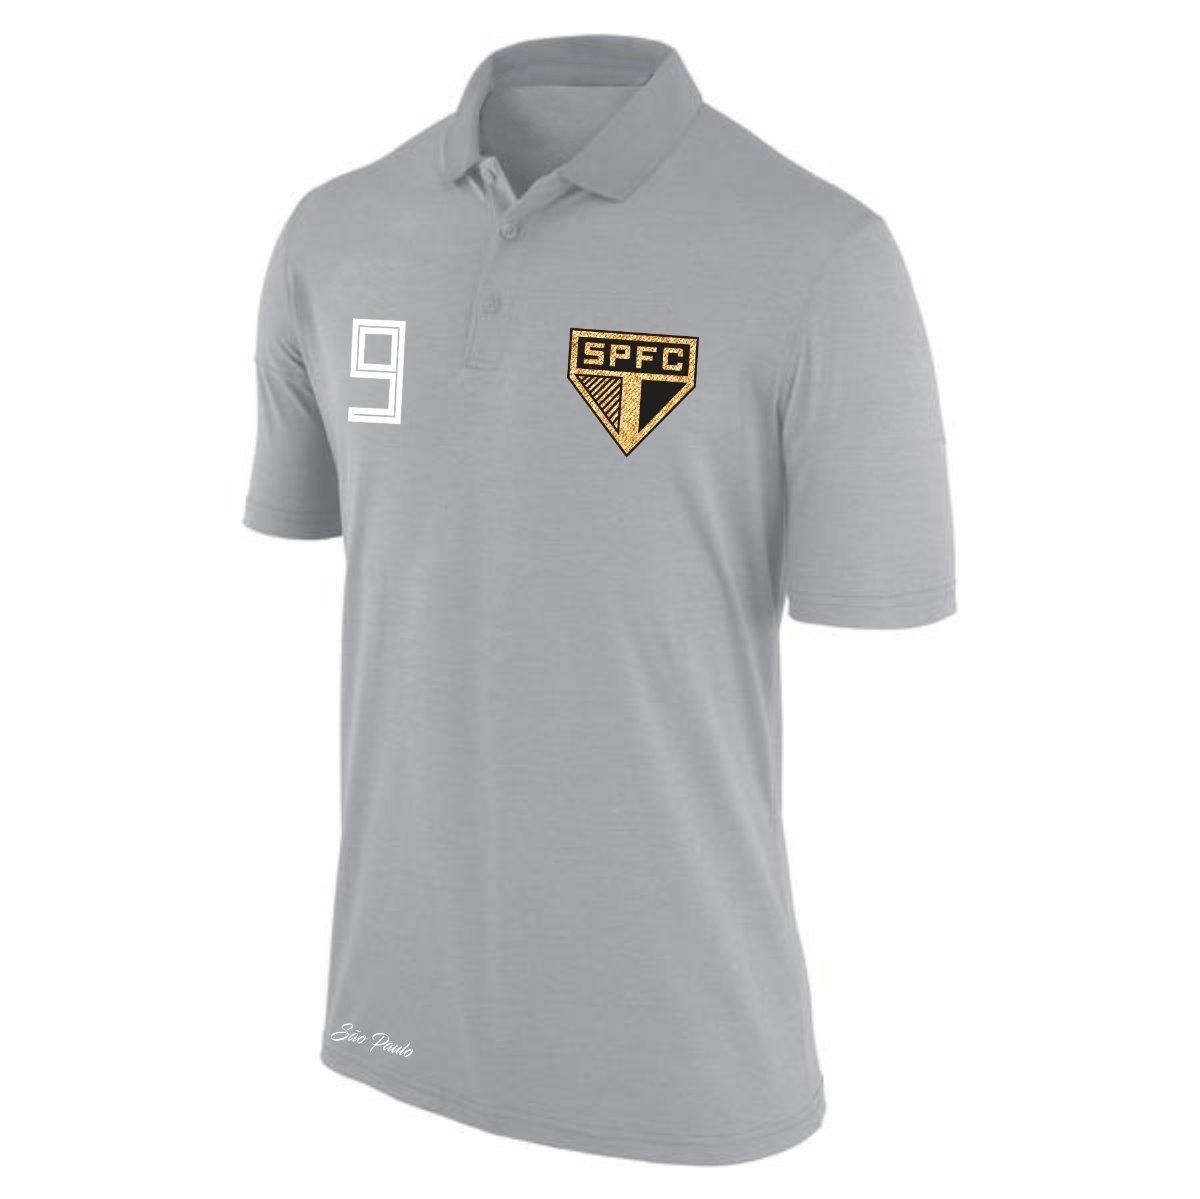 2c961d4910 camisa polo são paulo bordado torcedor nove personalizada. Carregando zoom.